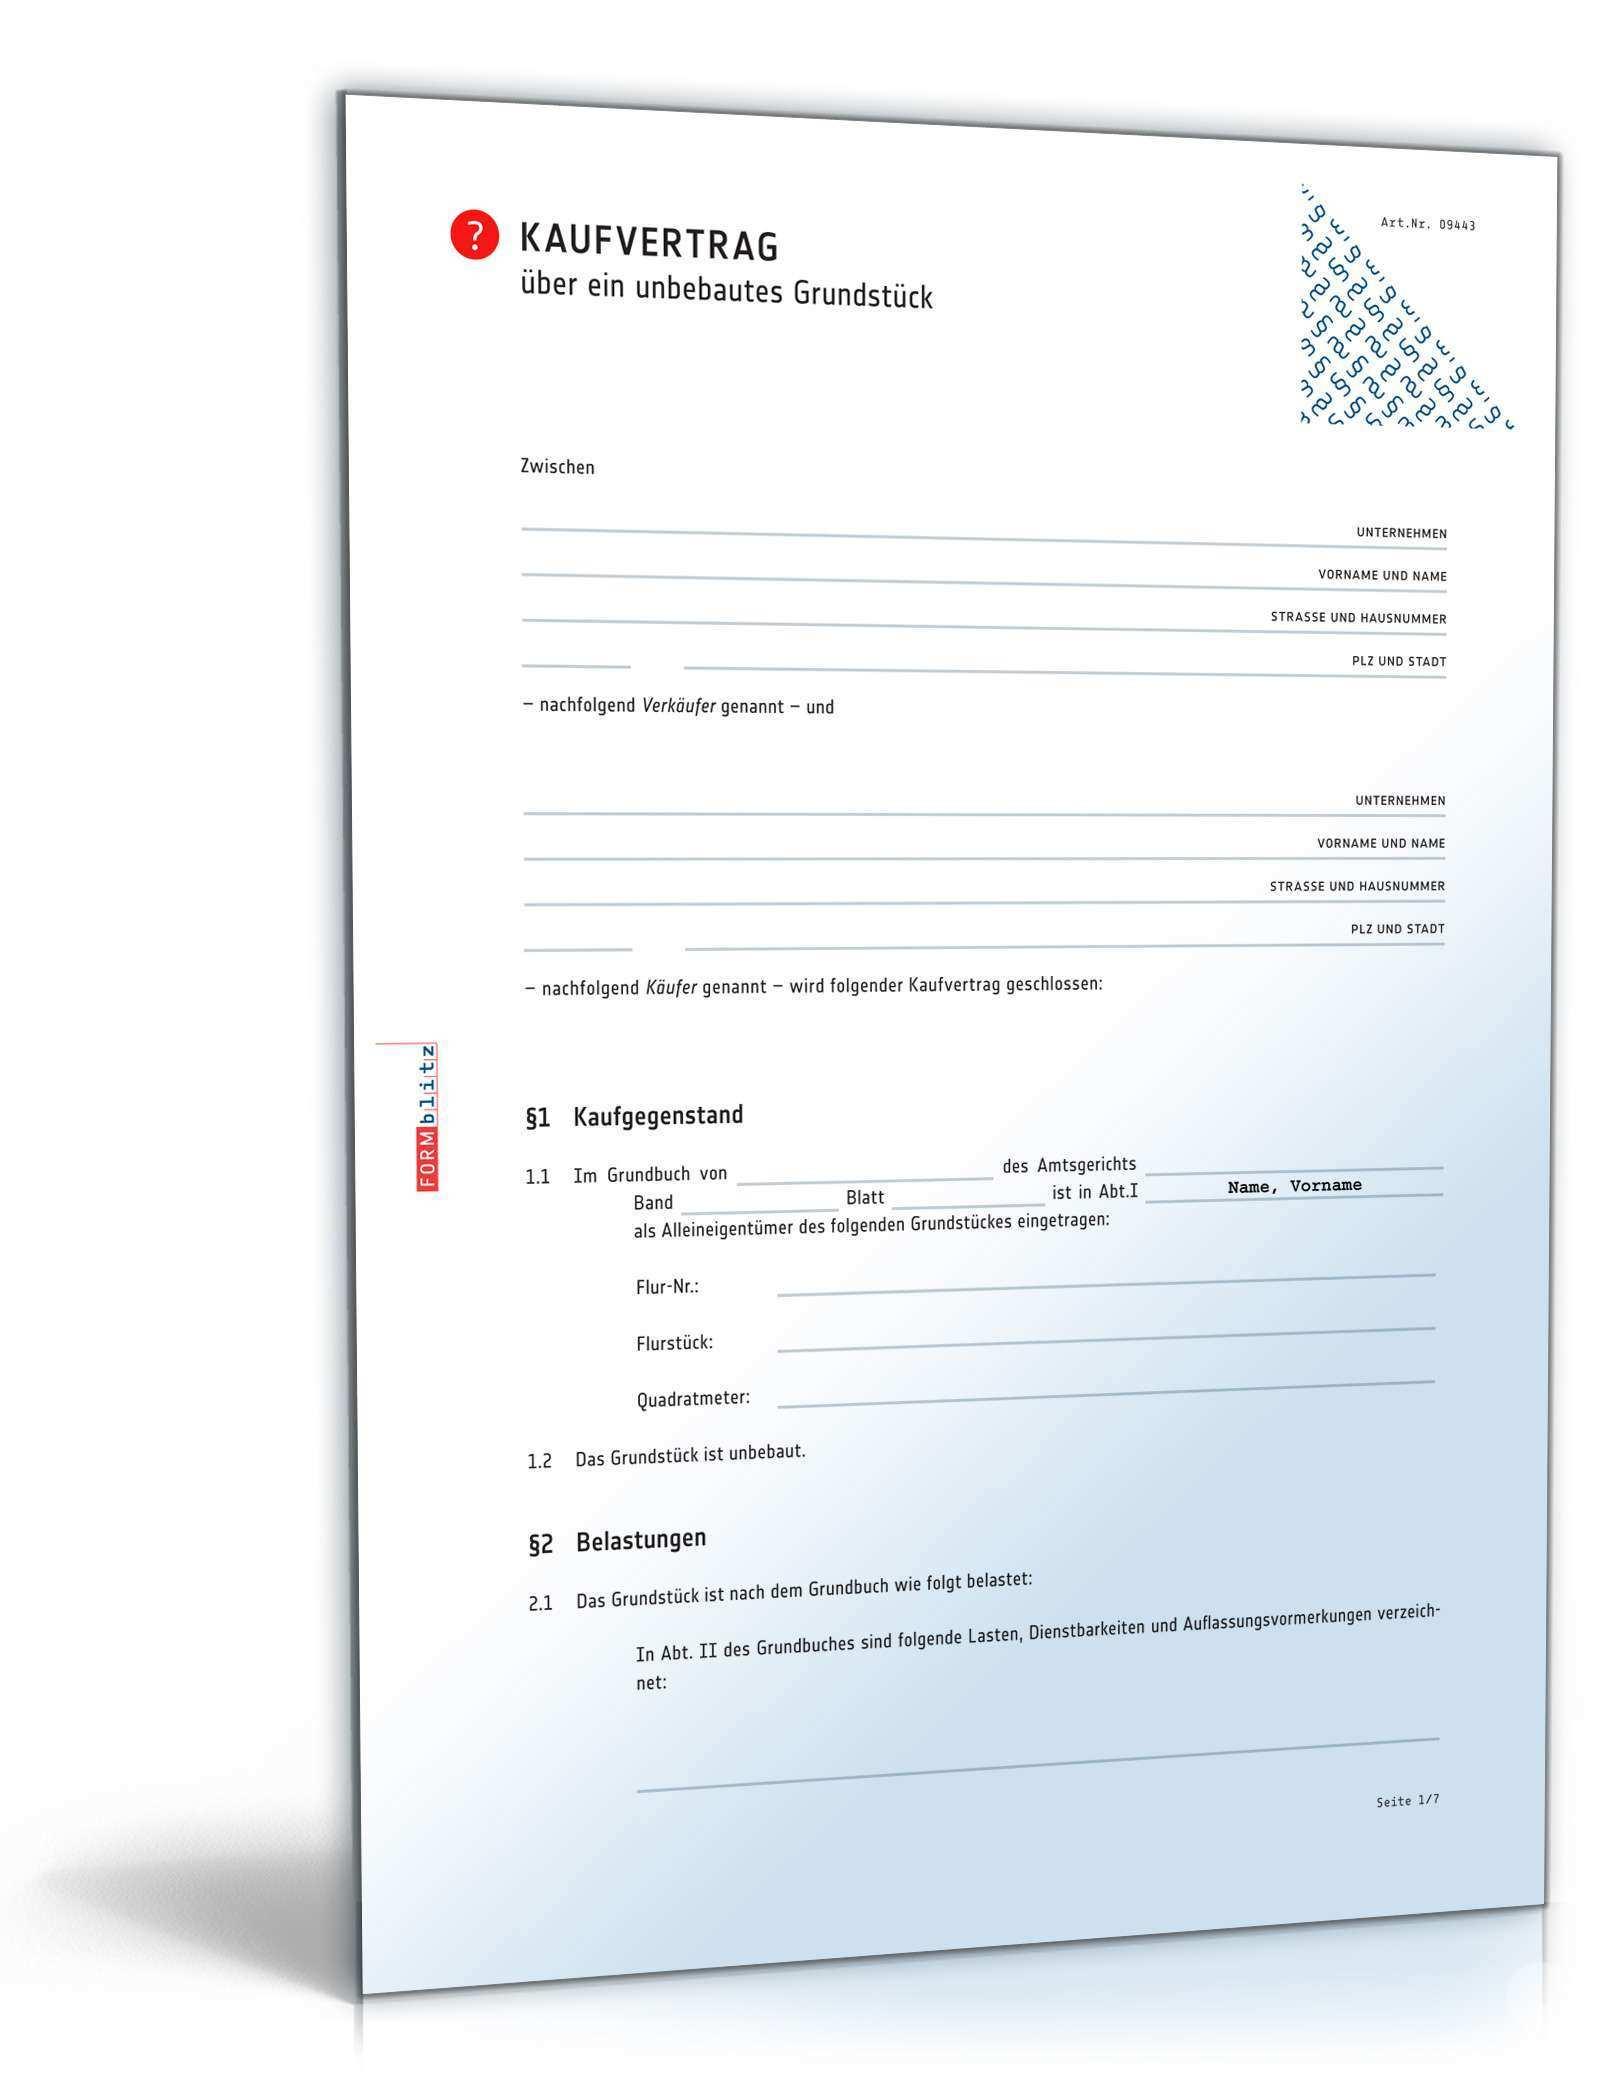 Kaufvertrag Unbebautes Grundstuck Muster Zum Download